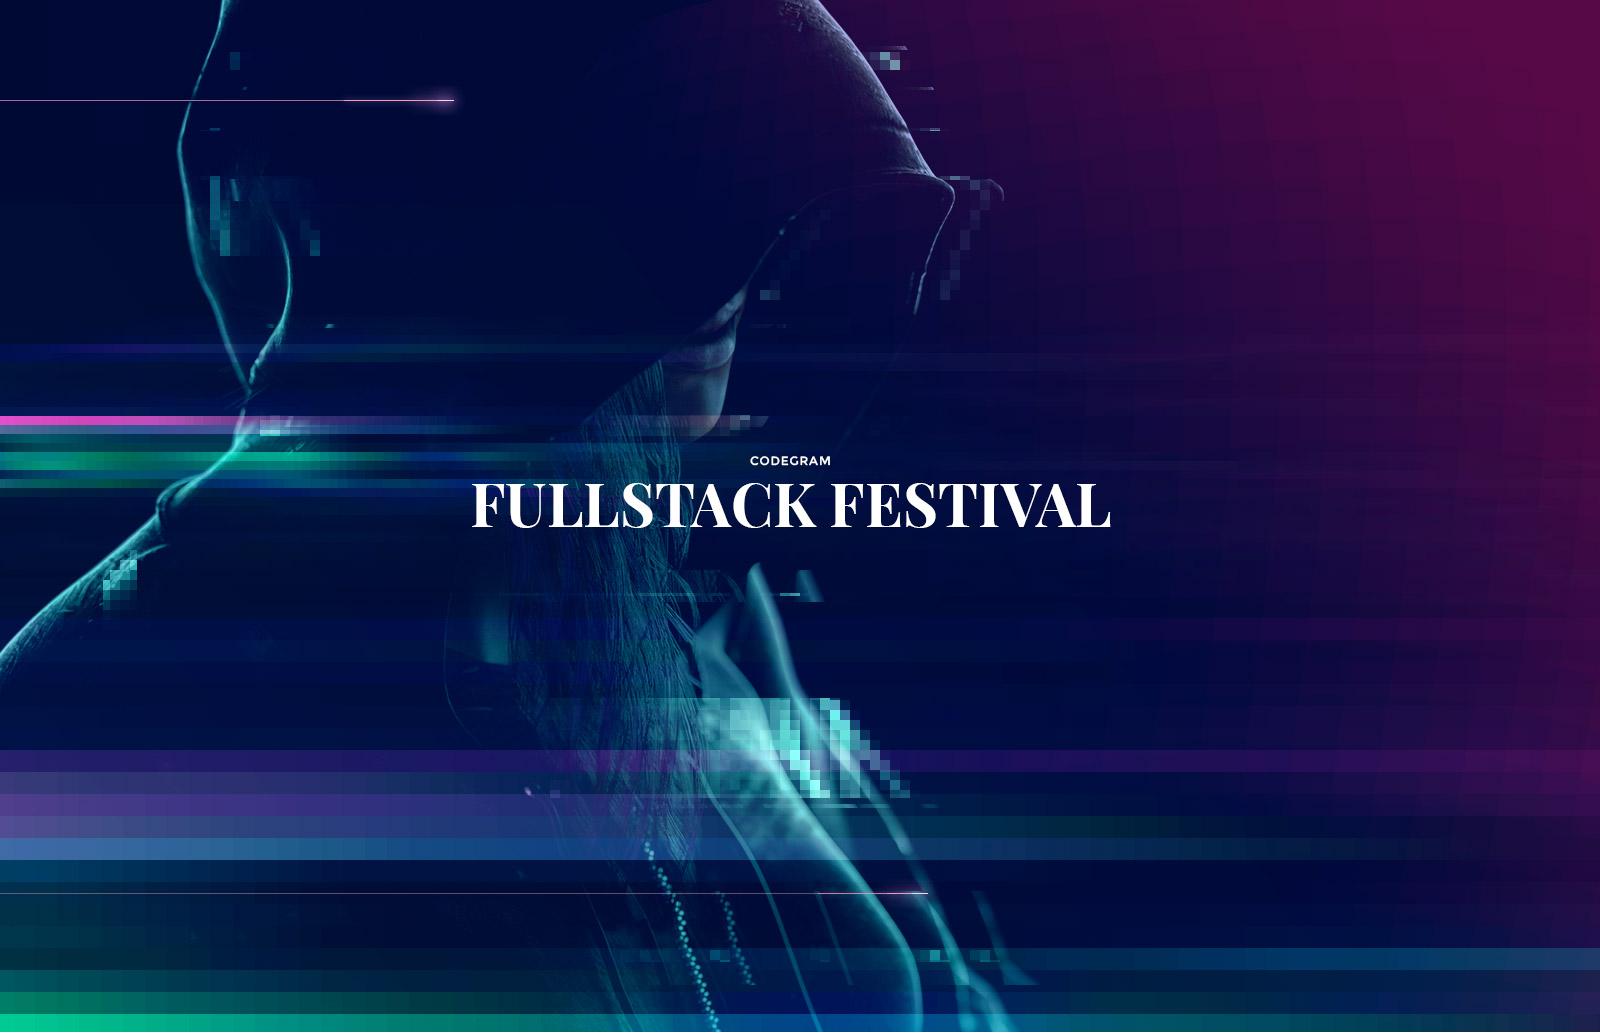 fullstack_01